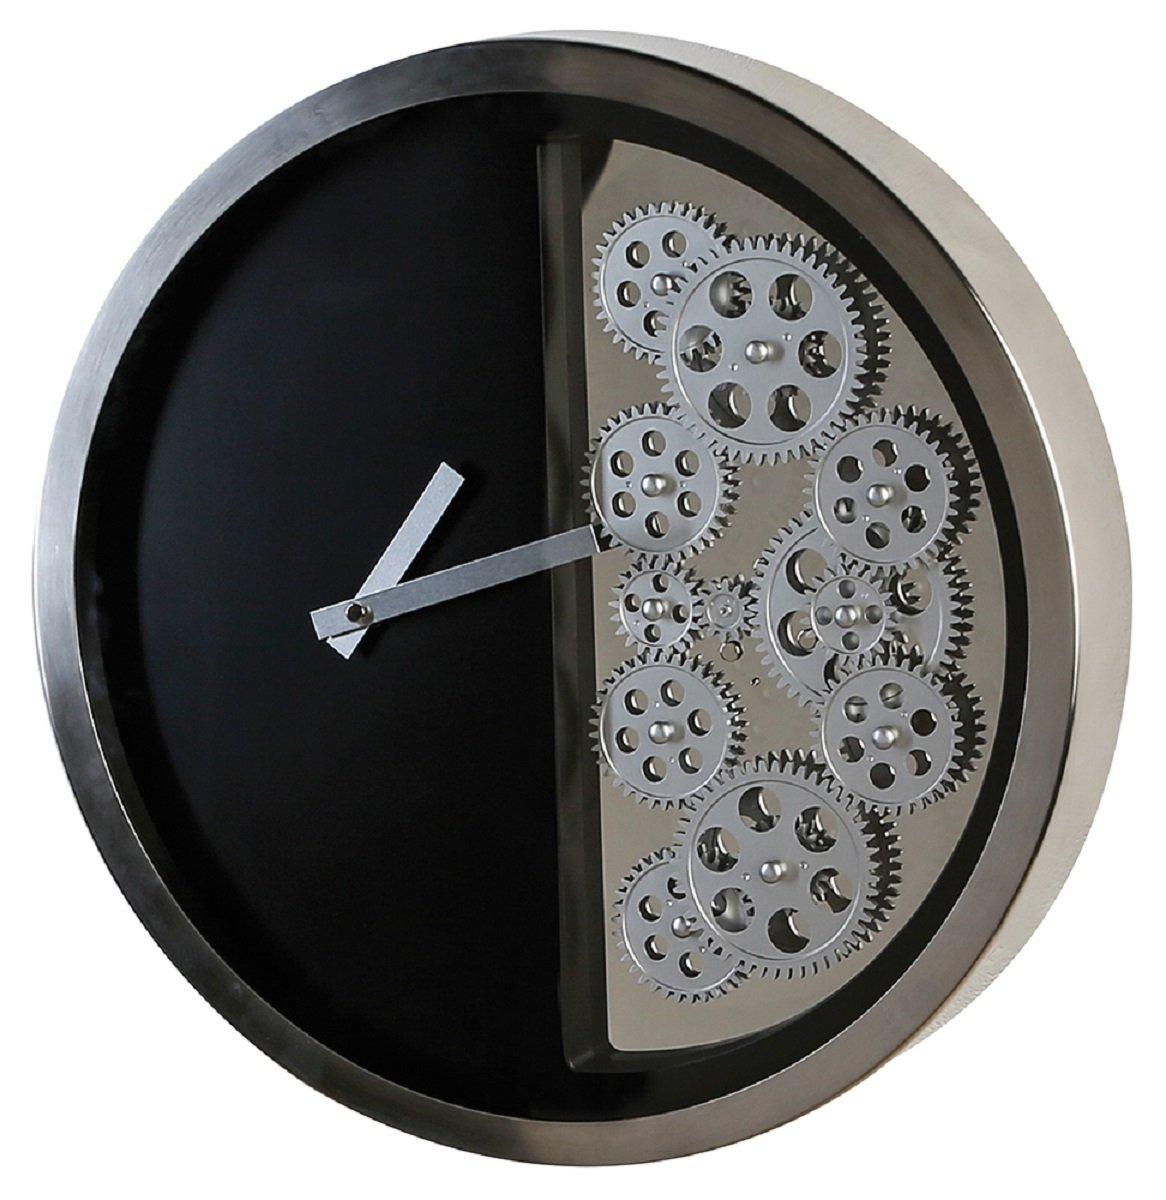 Casablanca 150176 Uhr Wanduhr - Zahnräder Edelstahl - schwarz Silber - Ø 39 cm